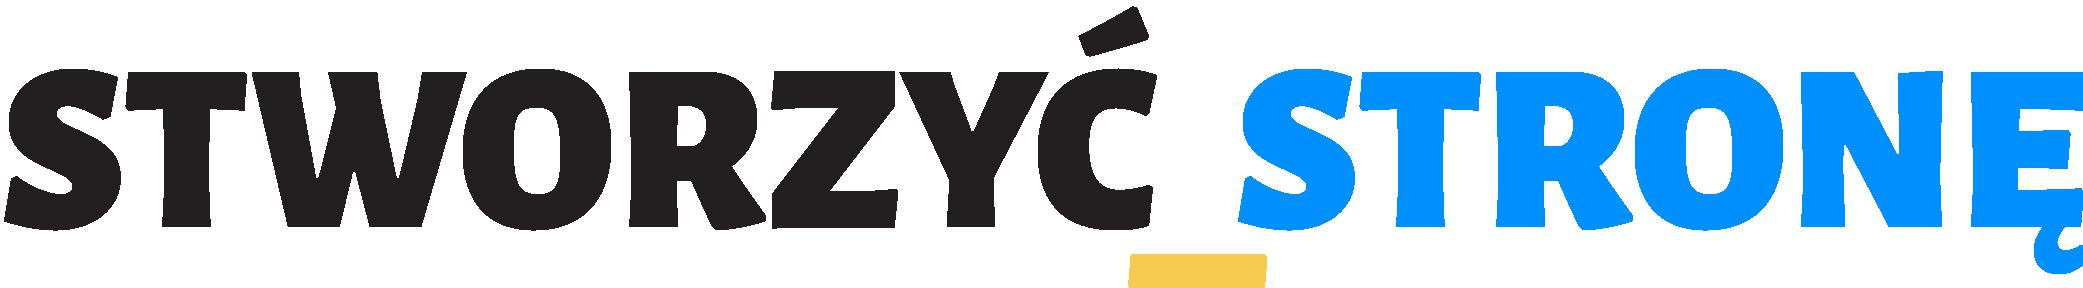 stworzyc strone logo